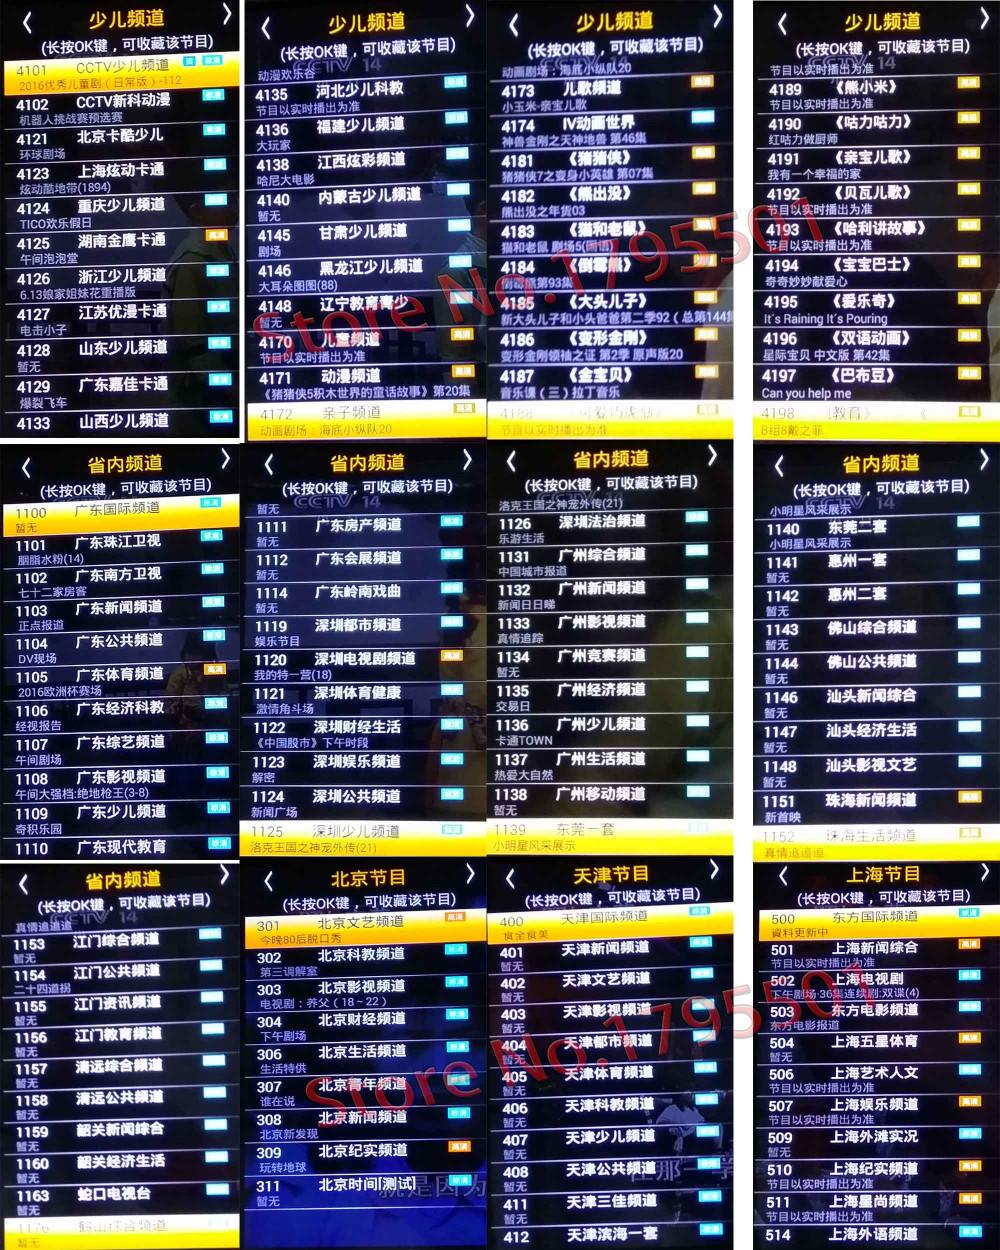 ถูก Hotest IPTV UNBLOCK UBOX3มาตรฐานVR 1กิกะไบต์8กิกะไบต์สมาร์ทหุ่นยนต์ทีวีกล่องและเอเชียมาเลเซียจีนเกาหลีญี่ปุ่นทีวีHDช่องถ่ายทอดสด